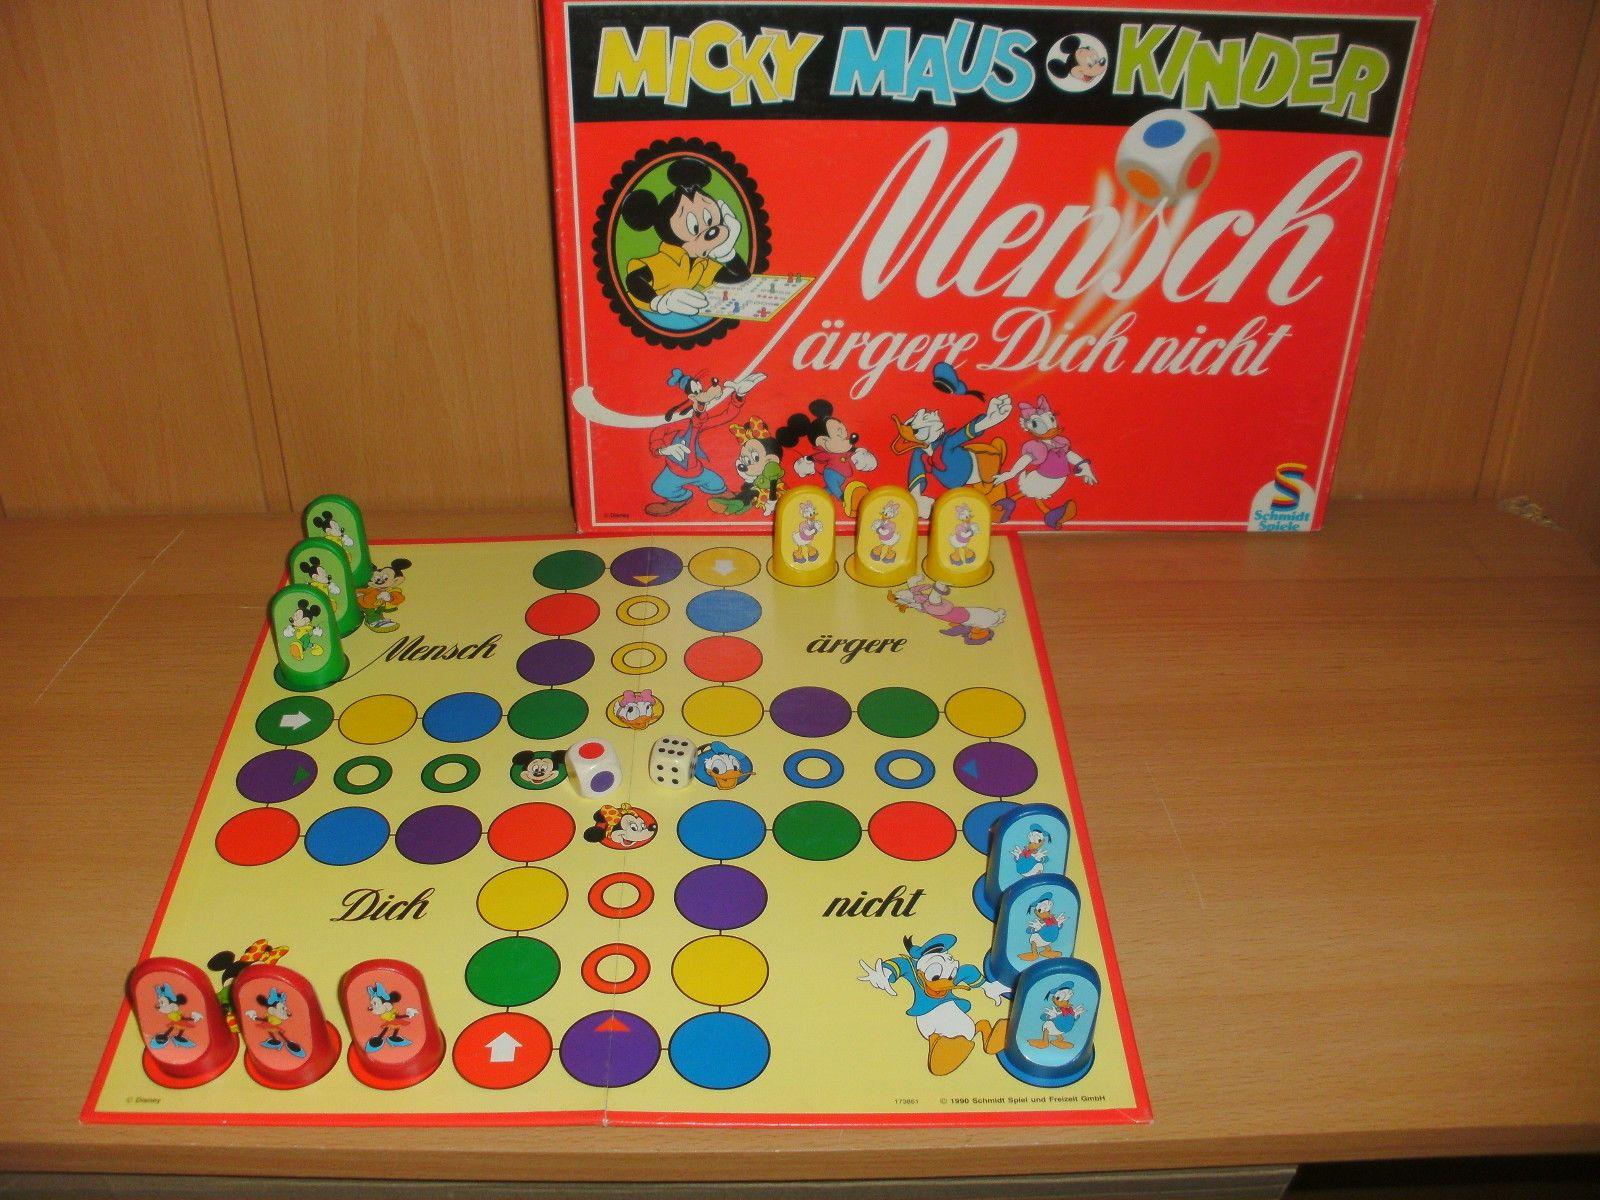 Micky Maus Kinder Mensch Argere Dich Nicht Figuren Farbwurfel Schmidt Spielesparen25 Com Sparen25 De Sparen25 Info Micky Maus Schmidt Spiele Maus